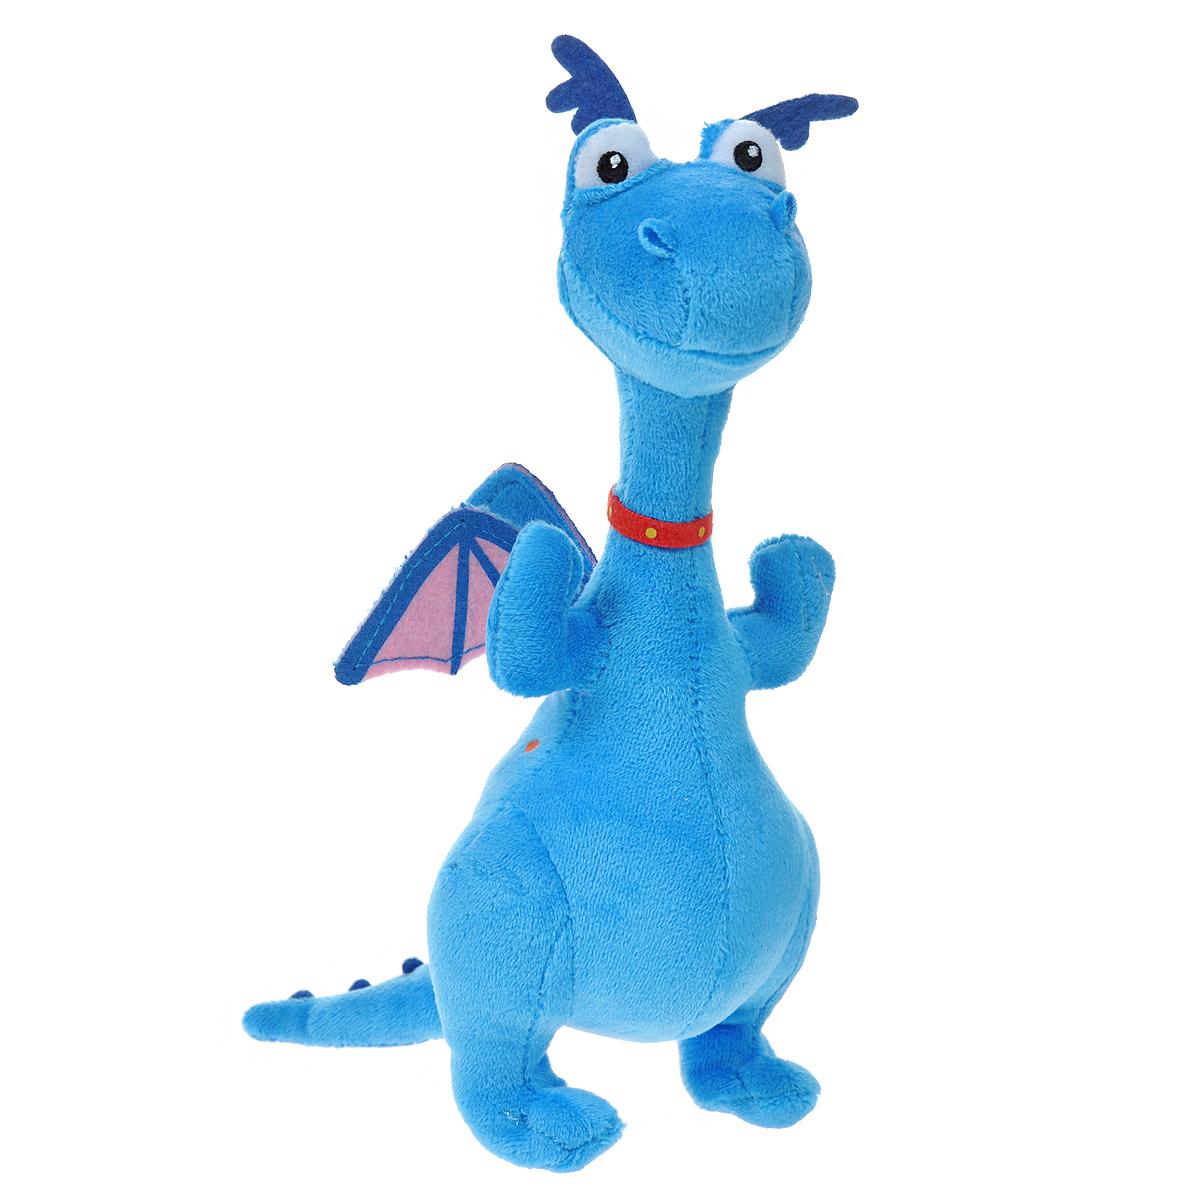 Мягкая игрушка Disney Стаффи, 20 см1200457Забавная мягкая игрушка Disney Стаффи в виде героя мультфильма «Доктор Плюшева» - симпатичного синего динозаврика, привлечет внимание каждого малыша. Она сшита из приятных на ощупь, качественных материалов, полностью безвредных для ребенка. С такой игрушкой можно смело отправляться на прогулку или засыпать в кроватке. Игра с ней способствует развитию тактильной чувствительности и воображения у детей. Характеристики: Материал: текстиль, синтепон. Высота игрушки: 20 см. Размер упаковки: 12 см х 8 см х 22 см. Изготовитель: Китай.